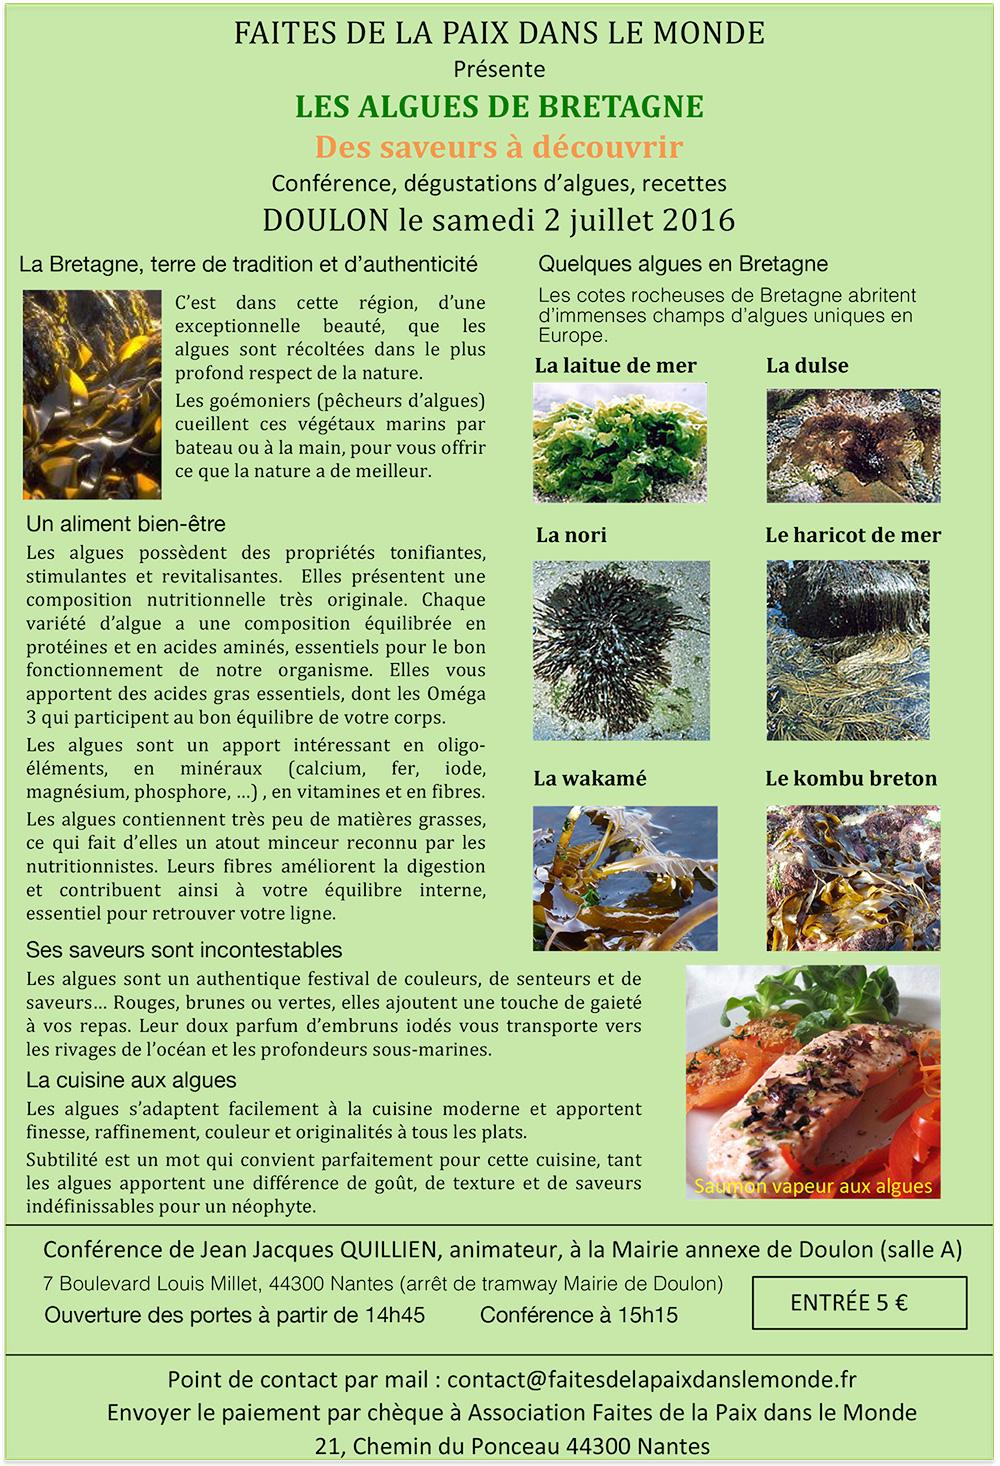 Les algues de Bretagne